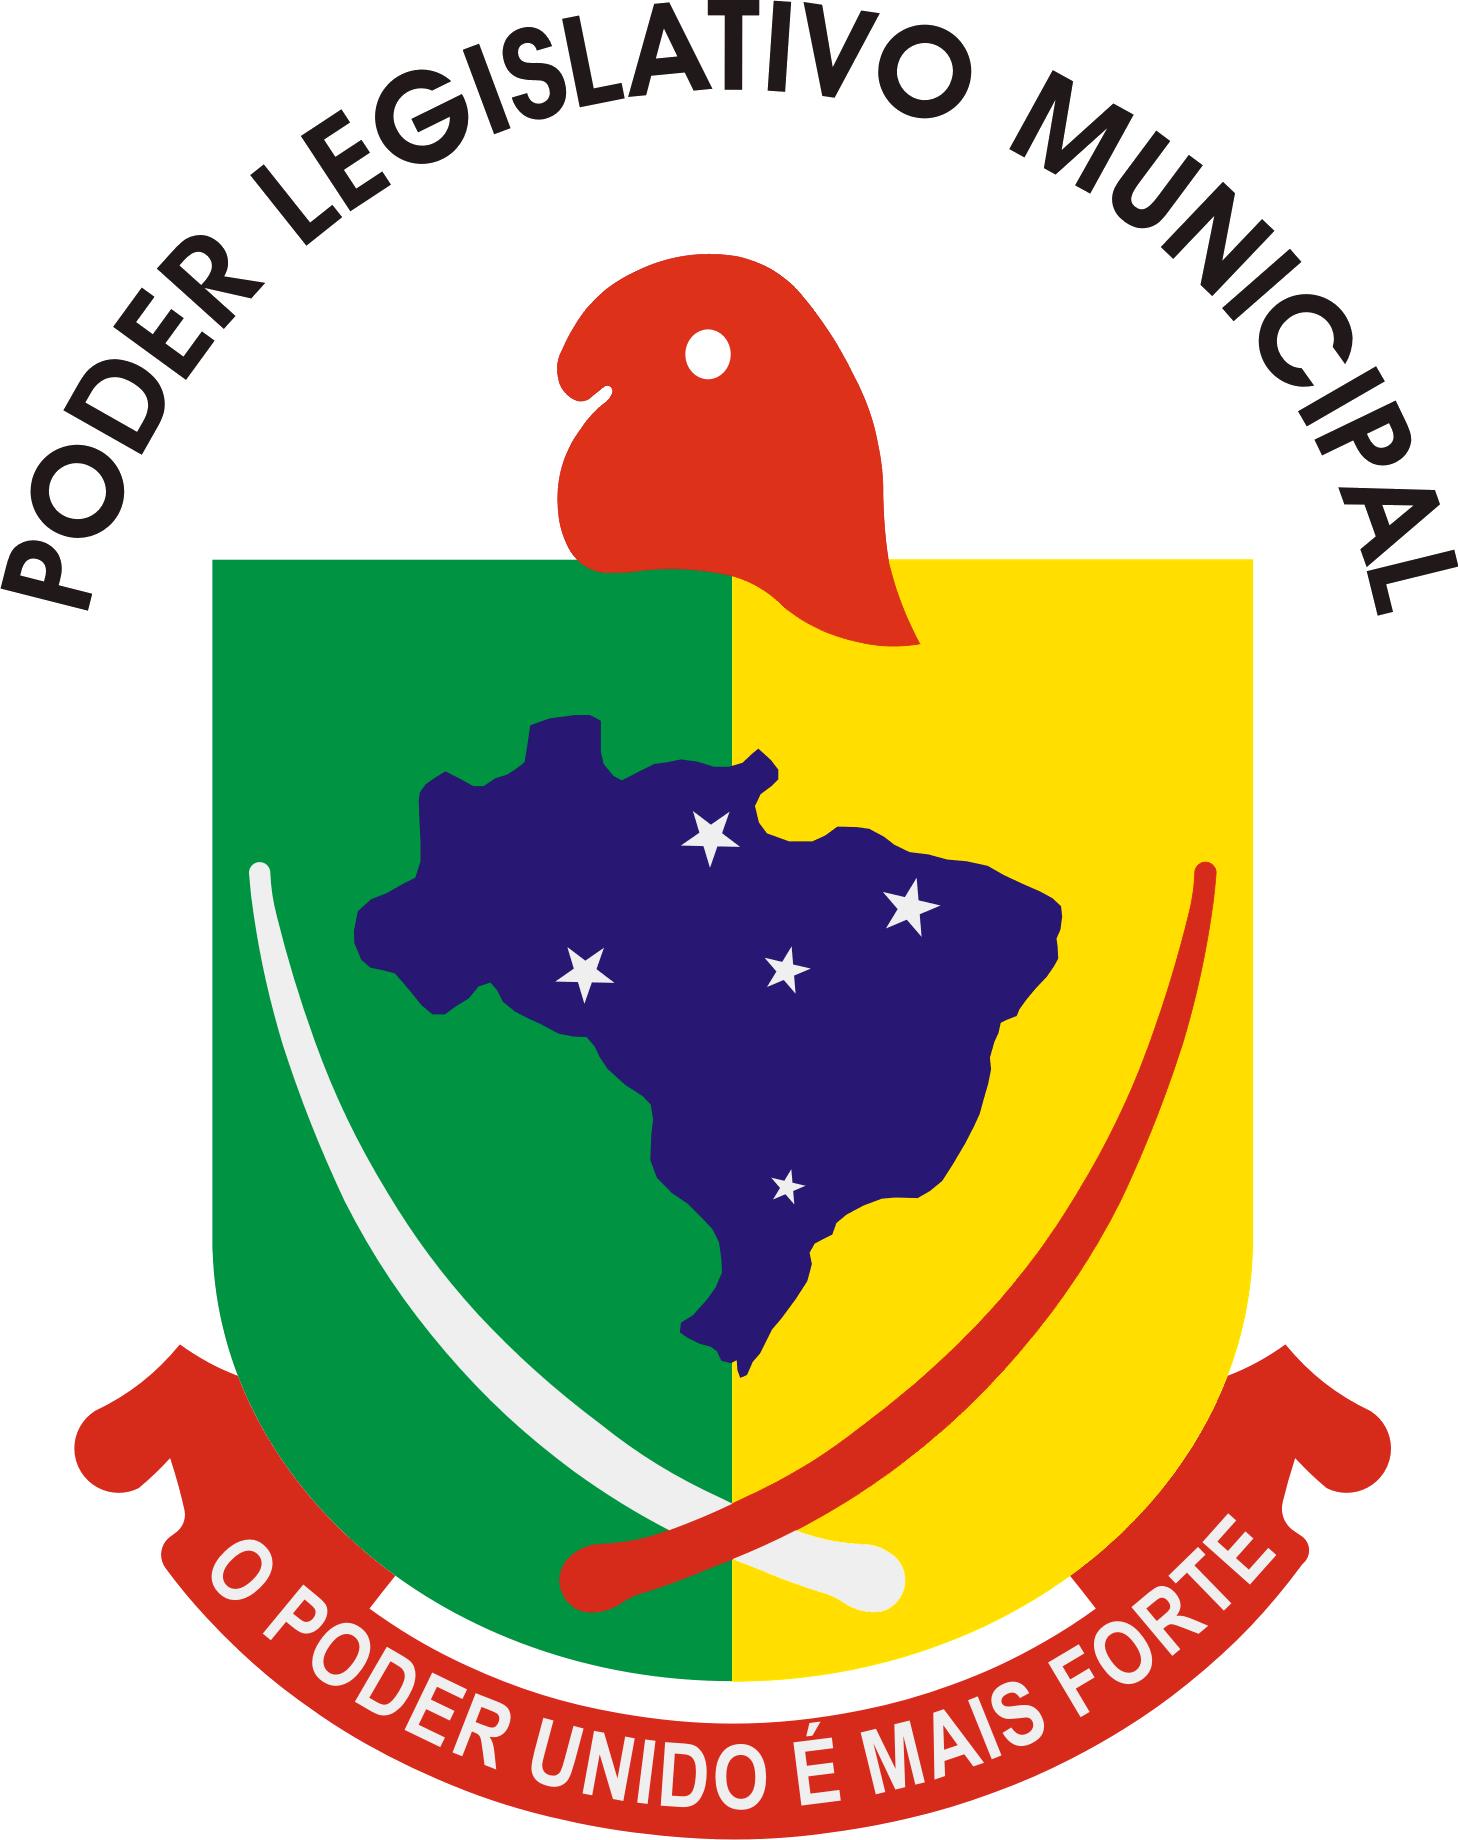 Logo da Câmara de Vereadores de Descanso